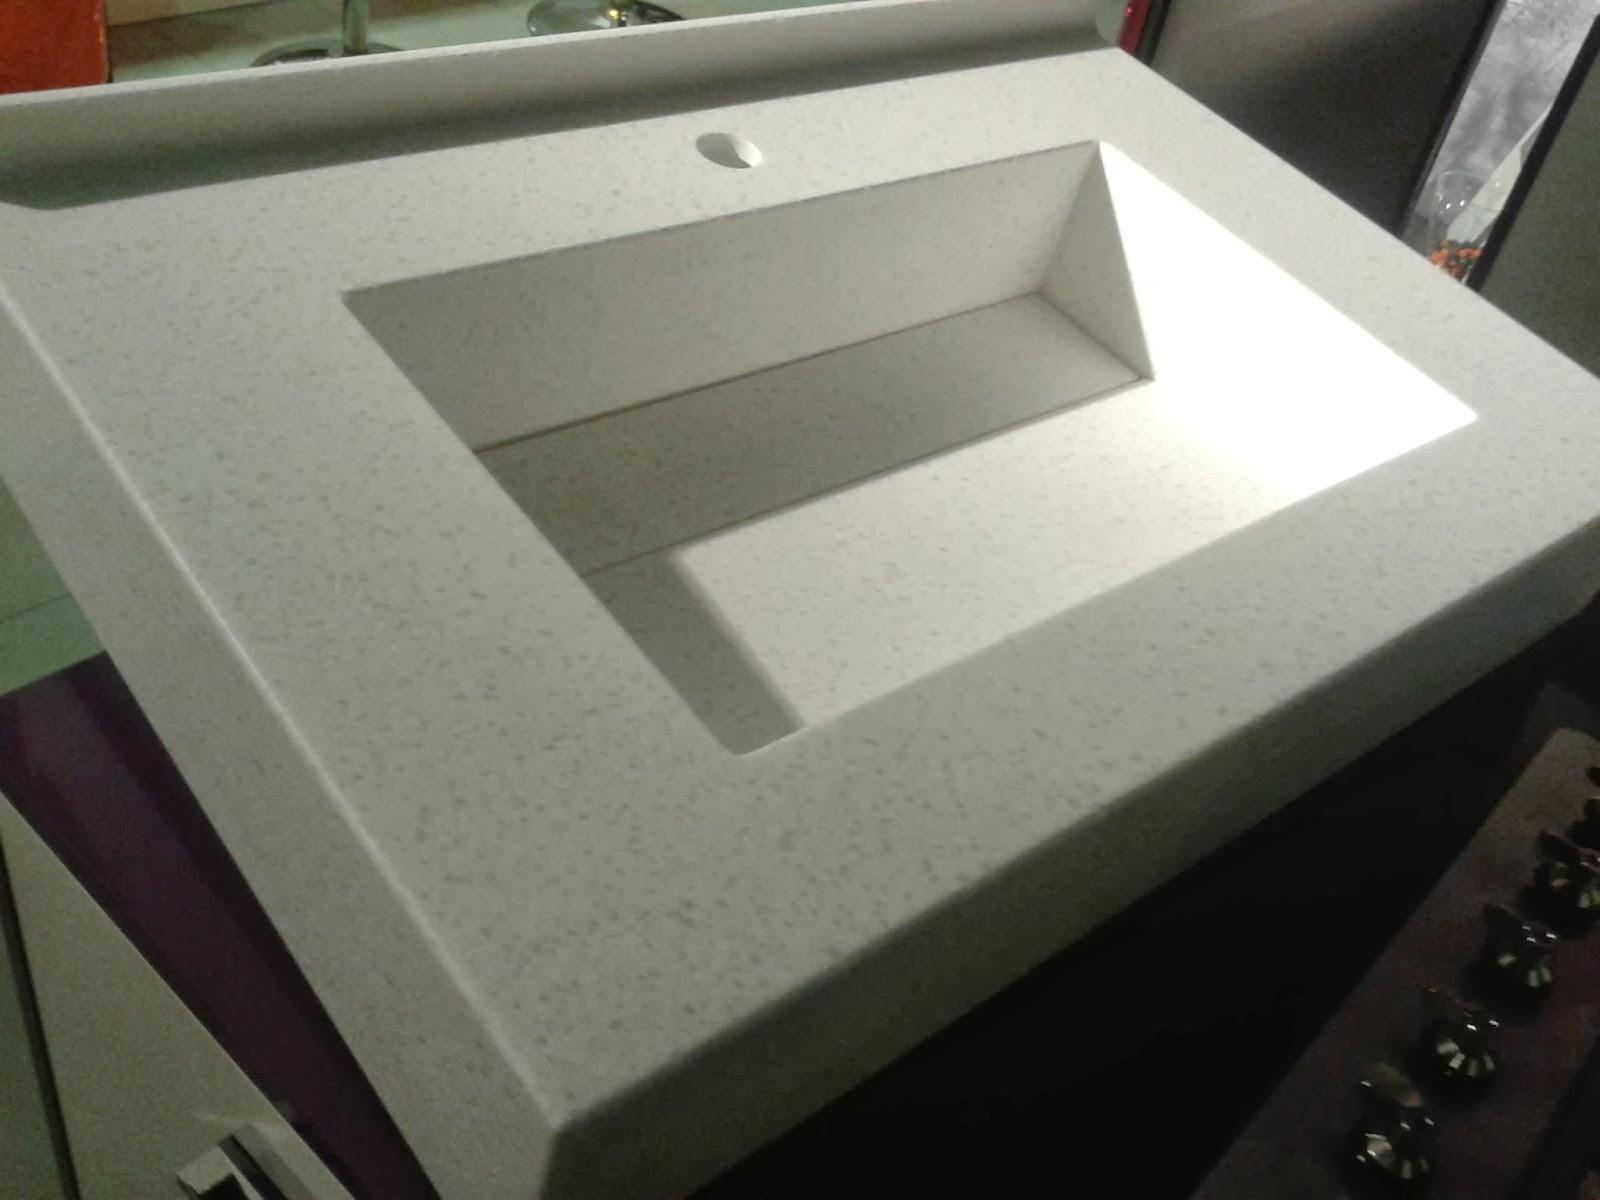 Encimeras Baño Krion:Un lavabo hecho a medida con tapa registrable y copete curvo Todos